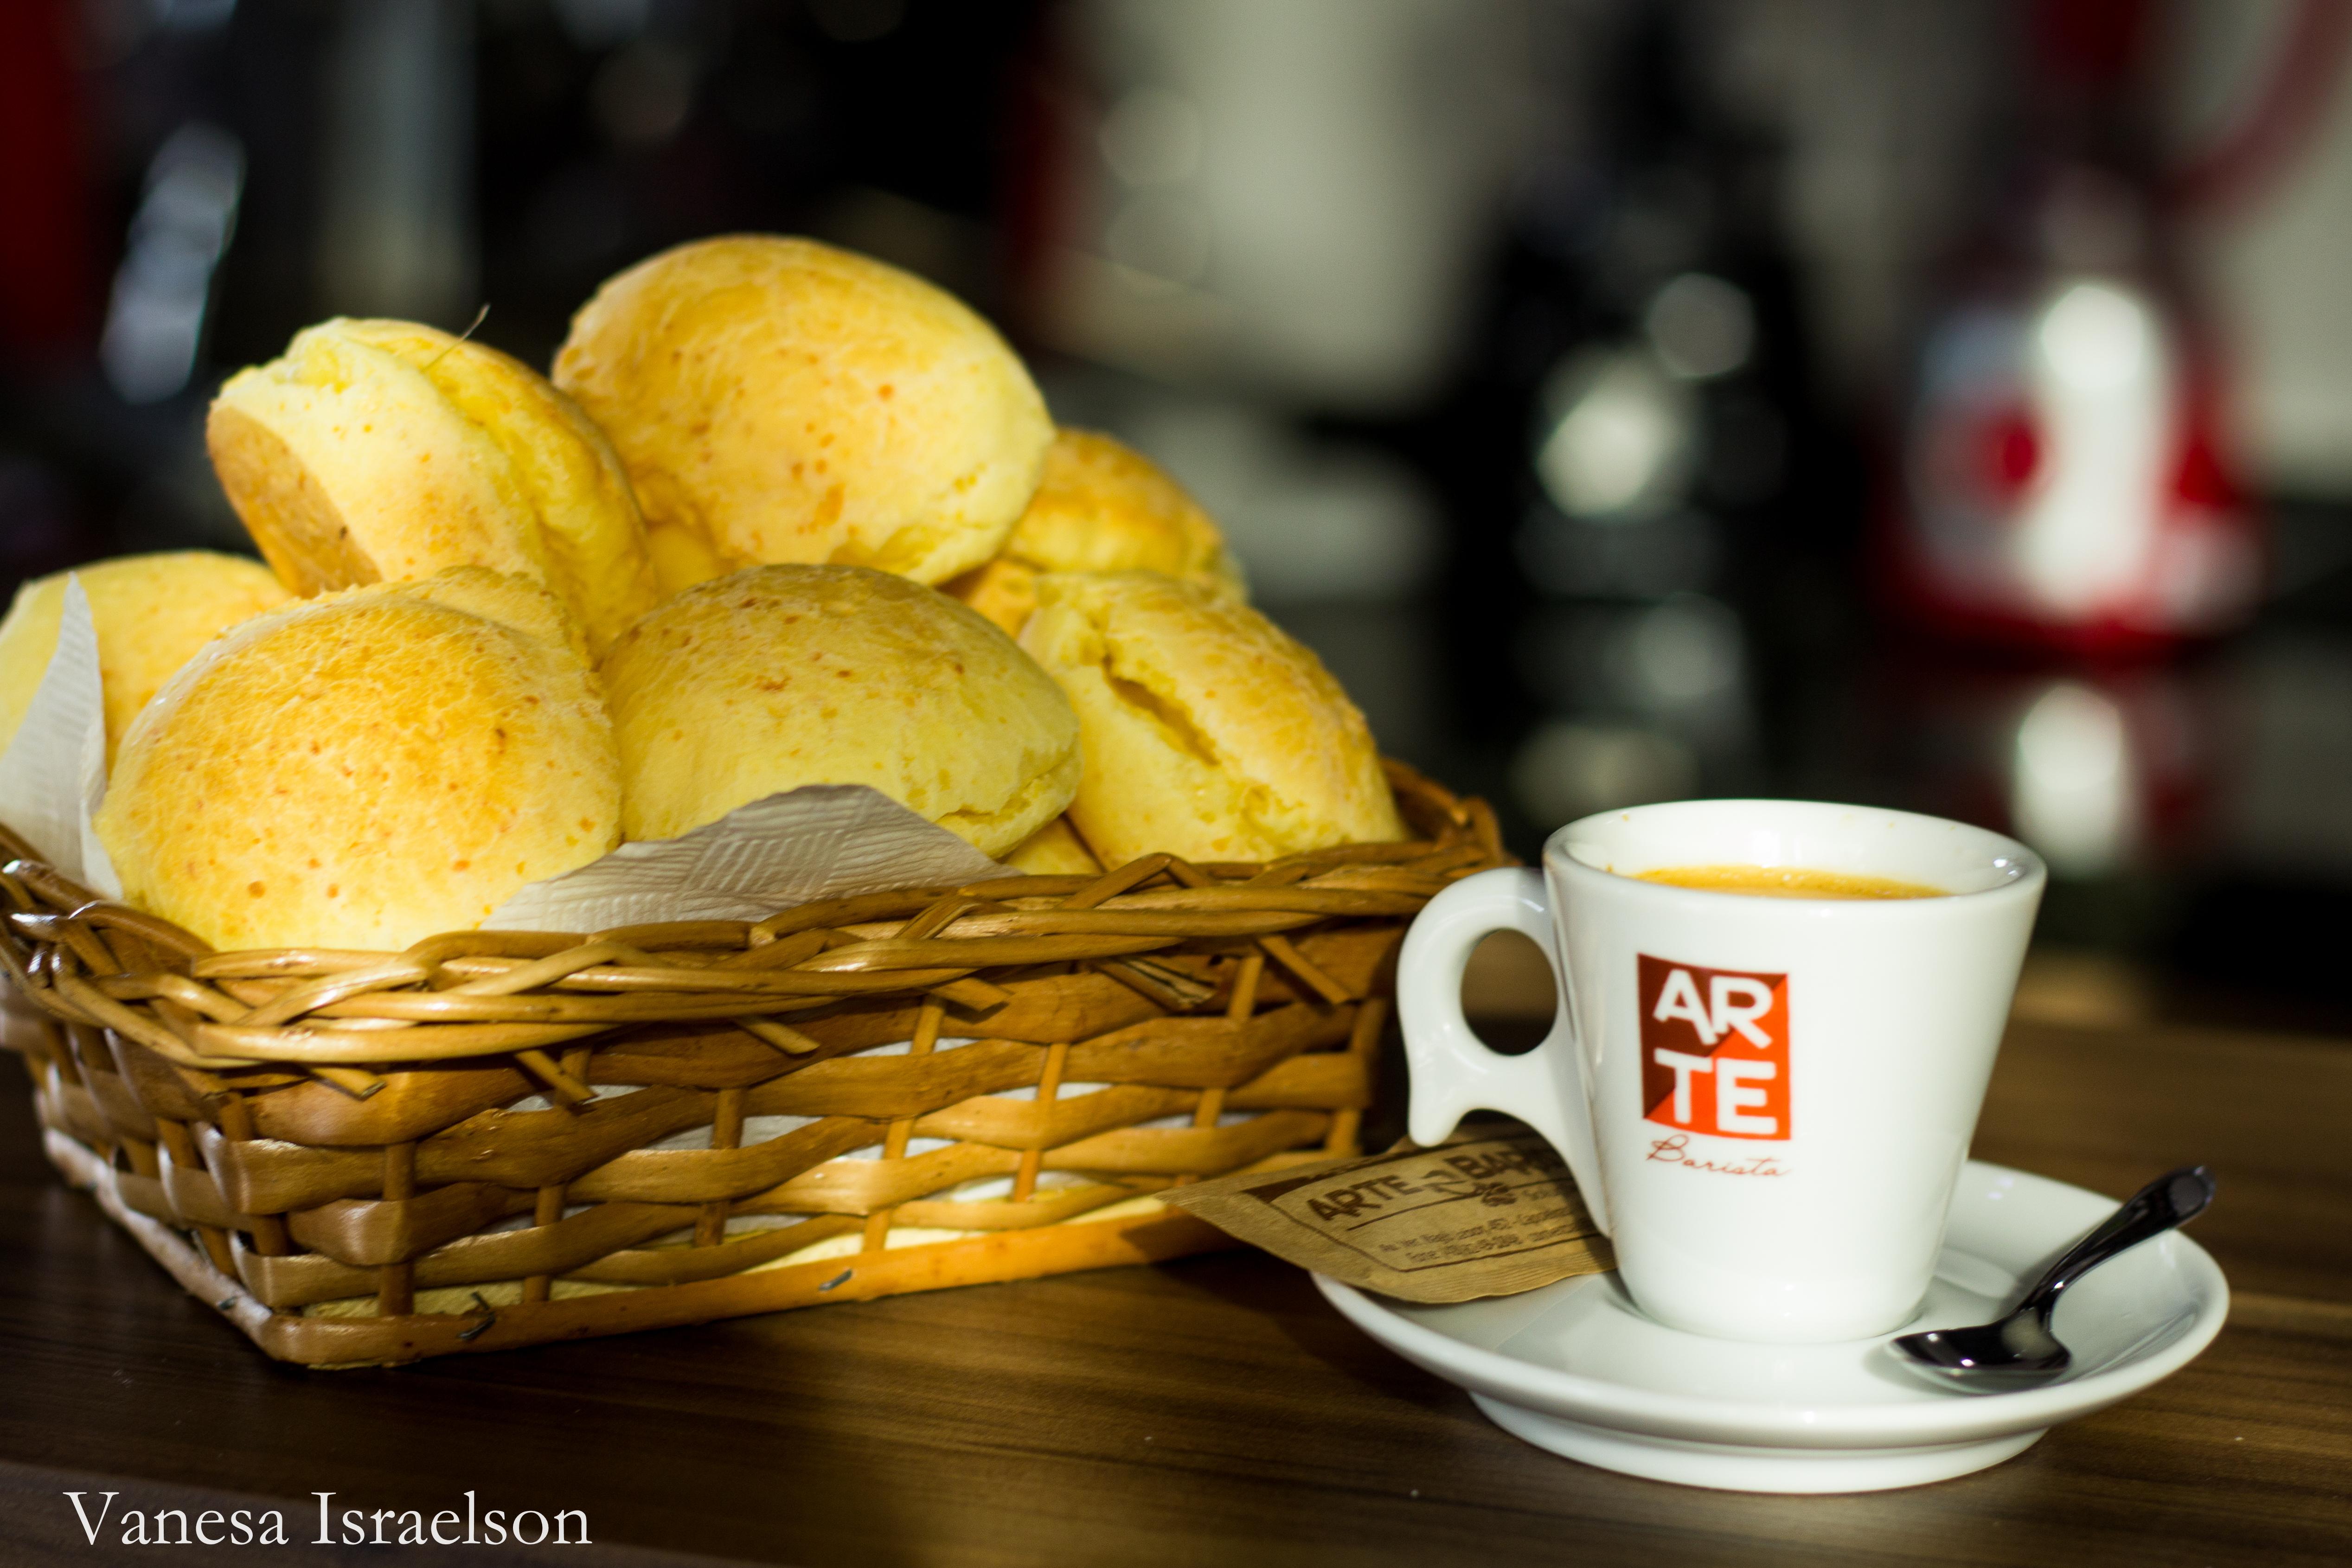 Tradicional café com pão de queijo